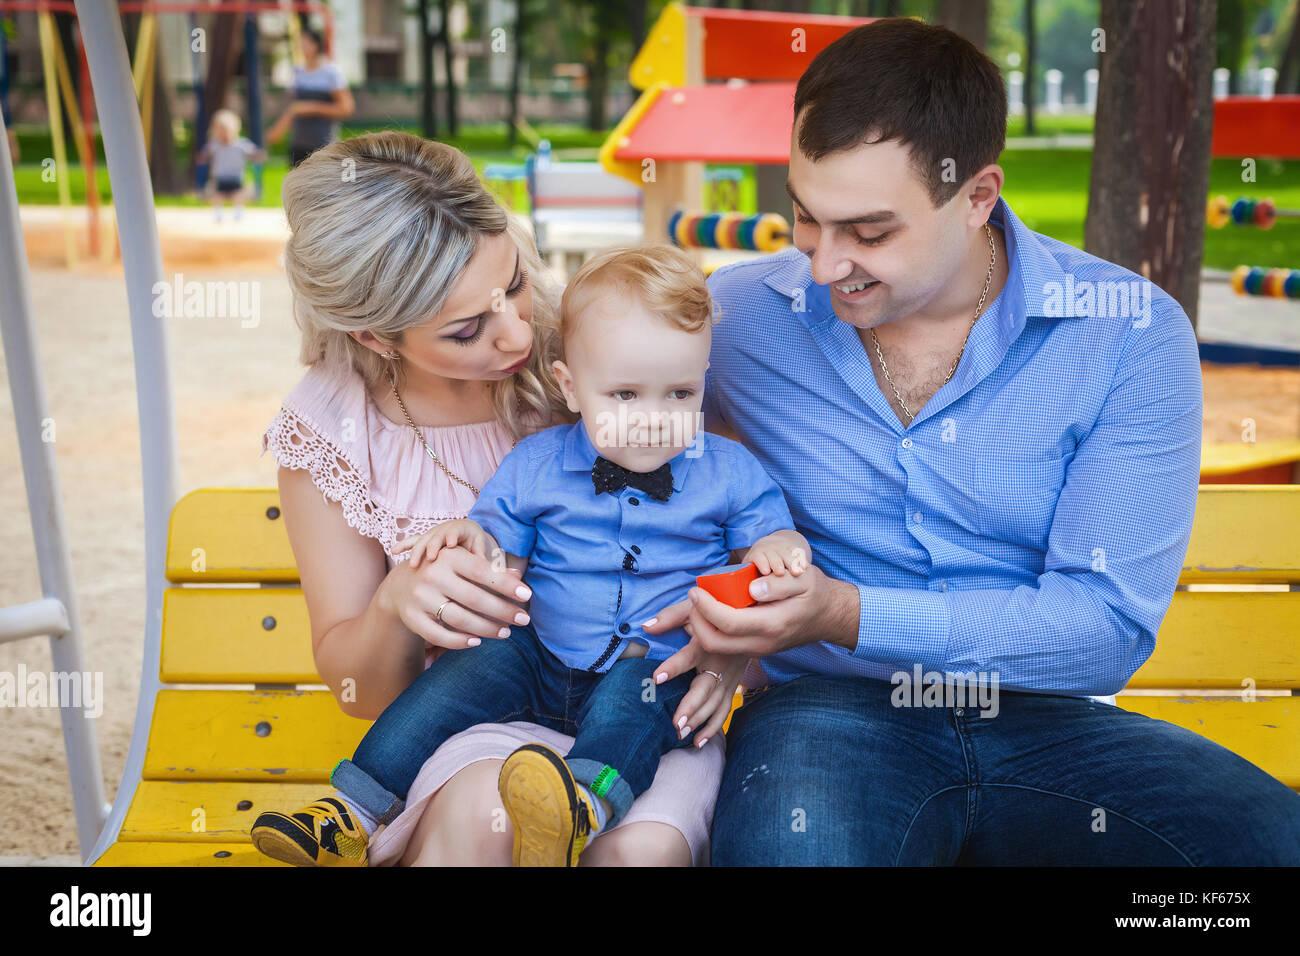 La famiglia dolci passeggiate nel parco Immagini Stock